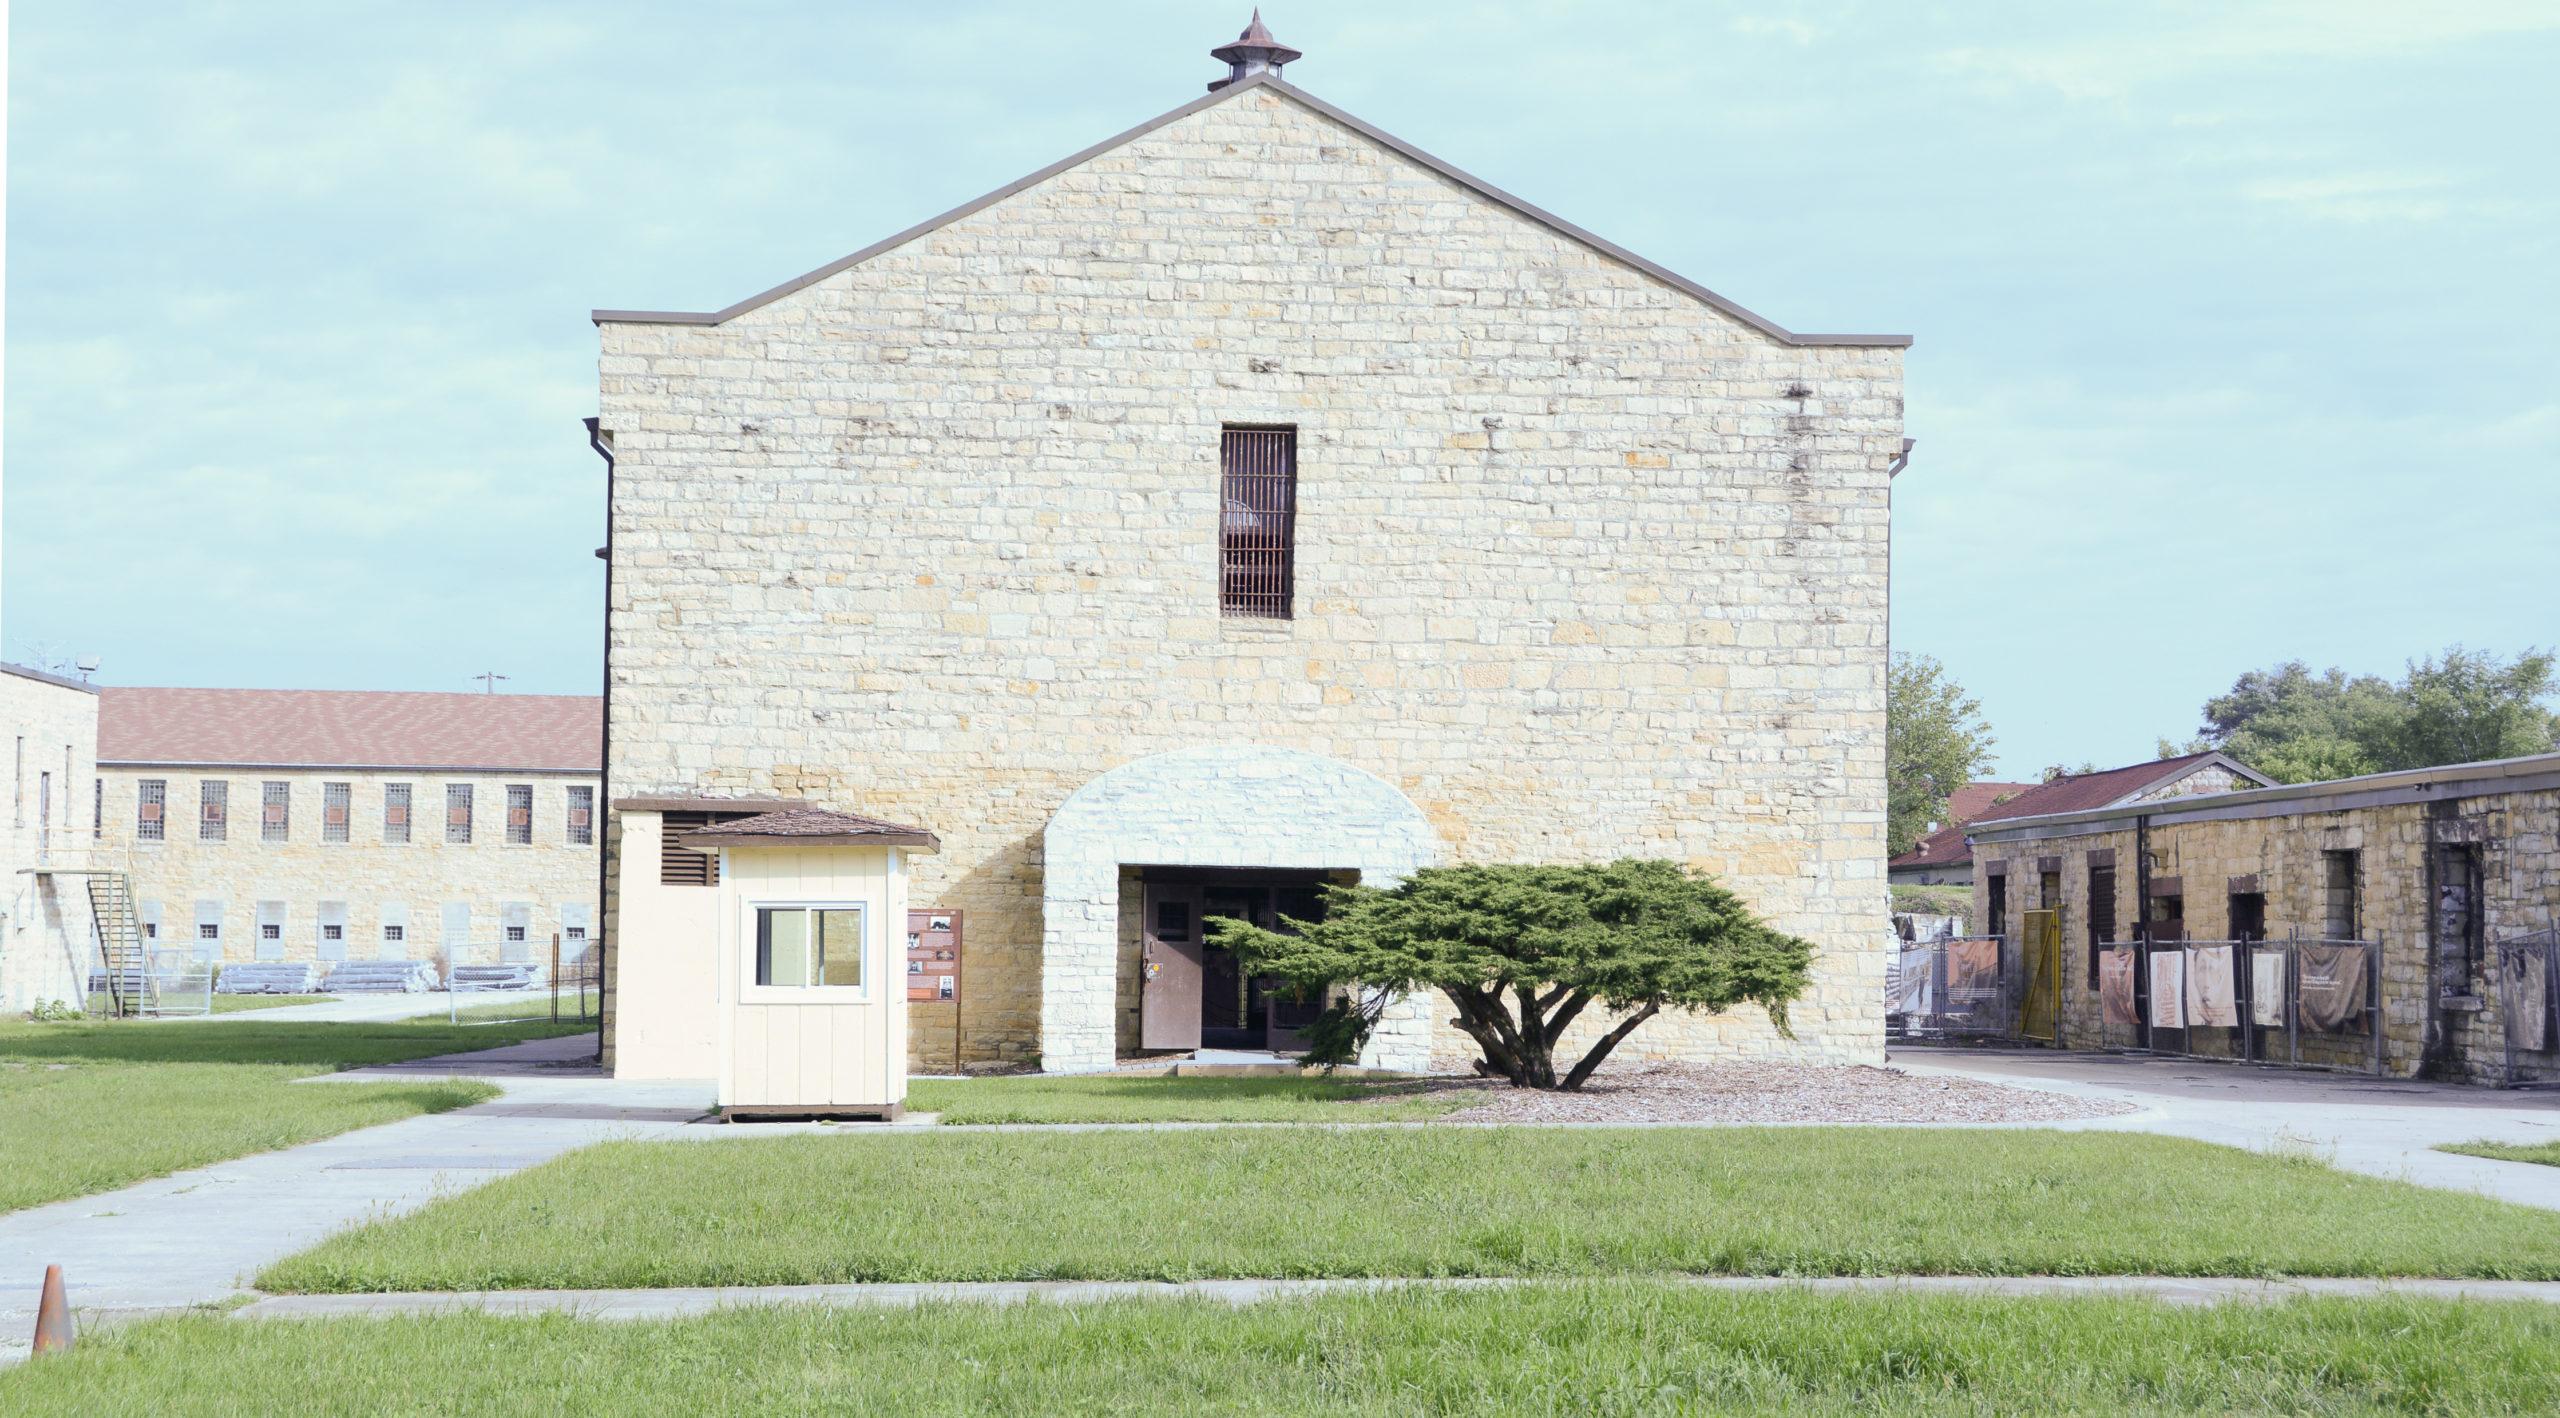 Innenhof des alten Staatsgefängnisses von Illinois mit Wächterhaus und Zeder